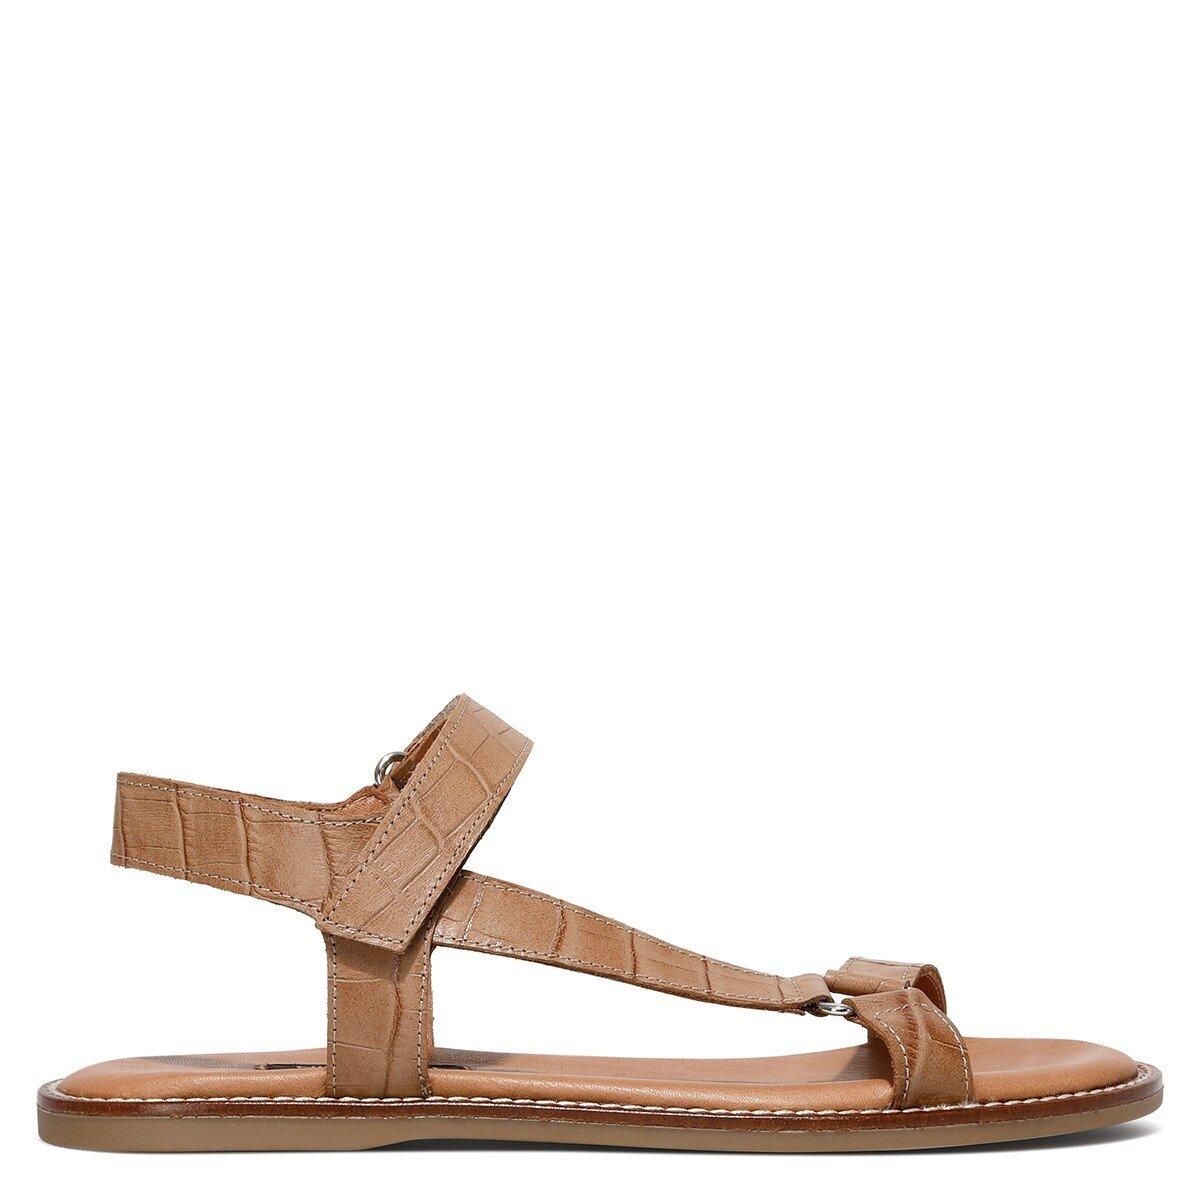 SANDA 1FX Bej Kadın Sandalet